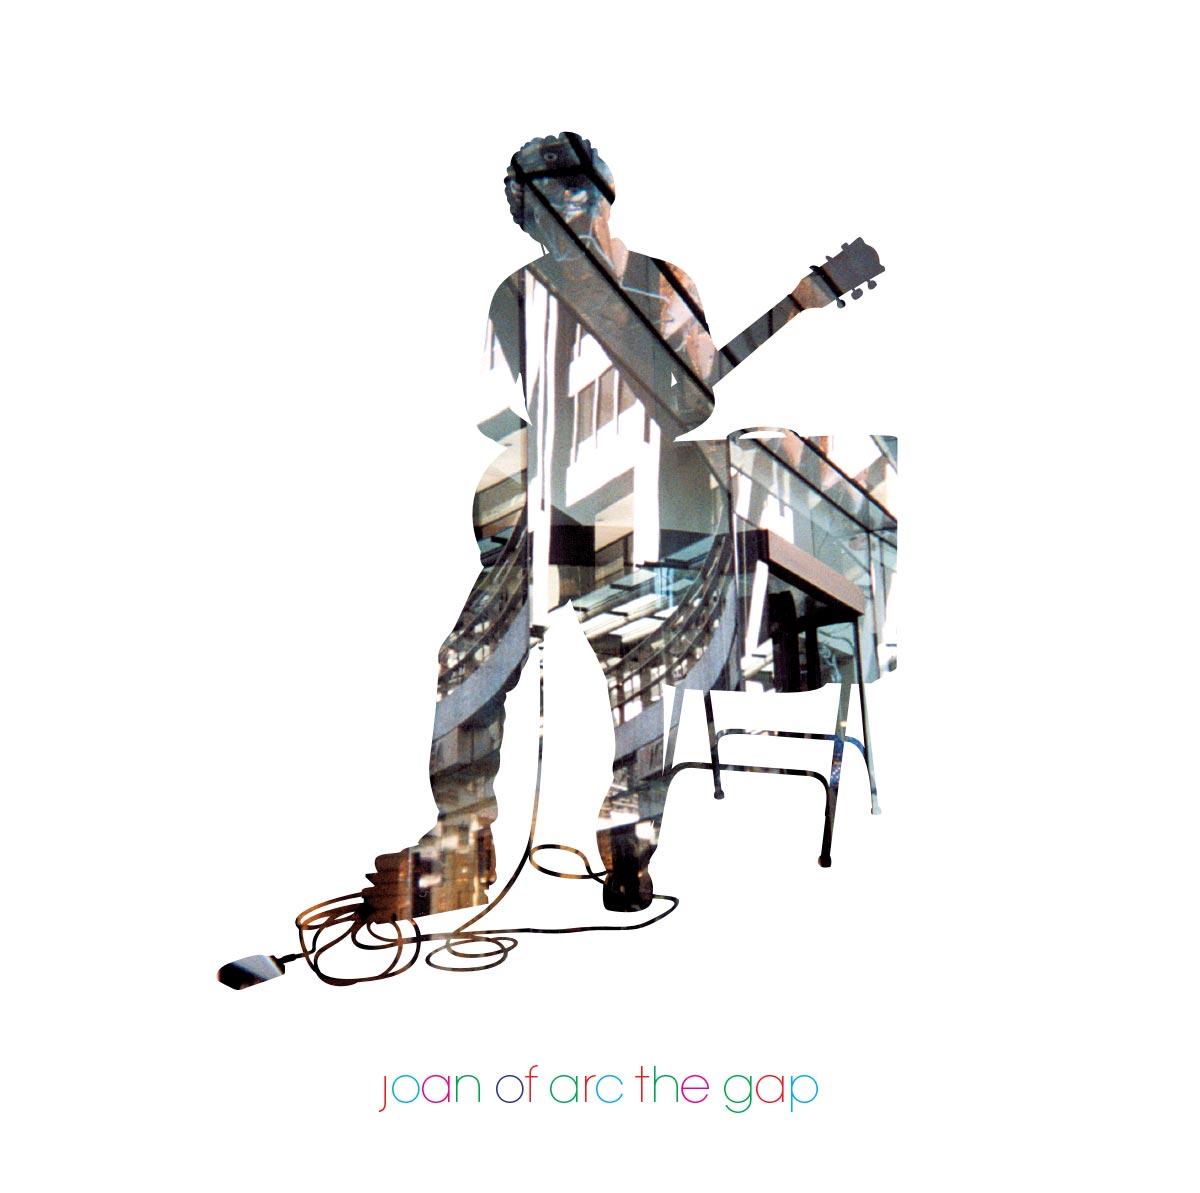 JOA_Gap_Todd.jpg